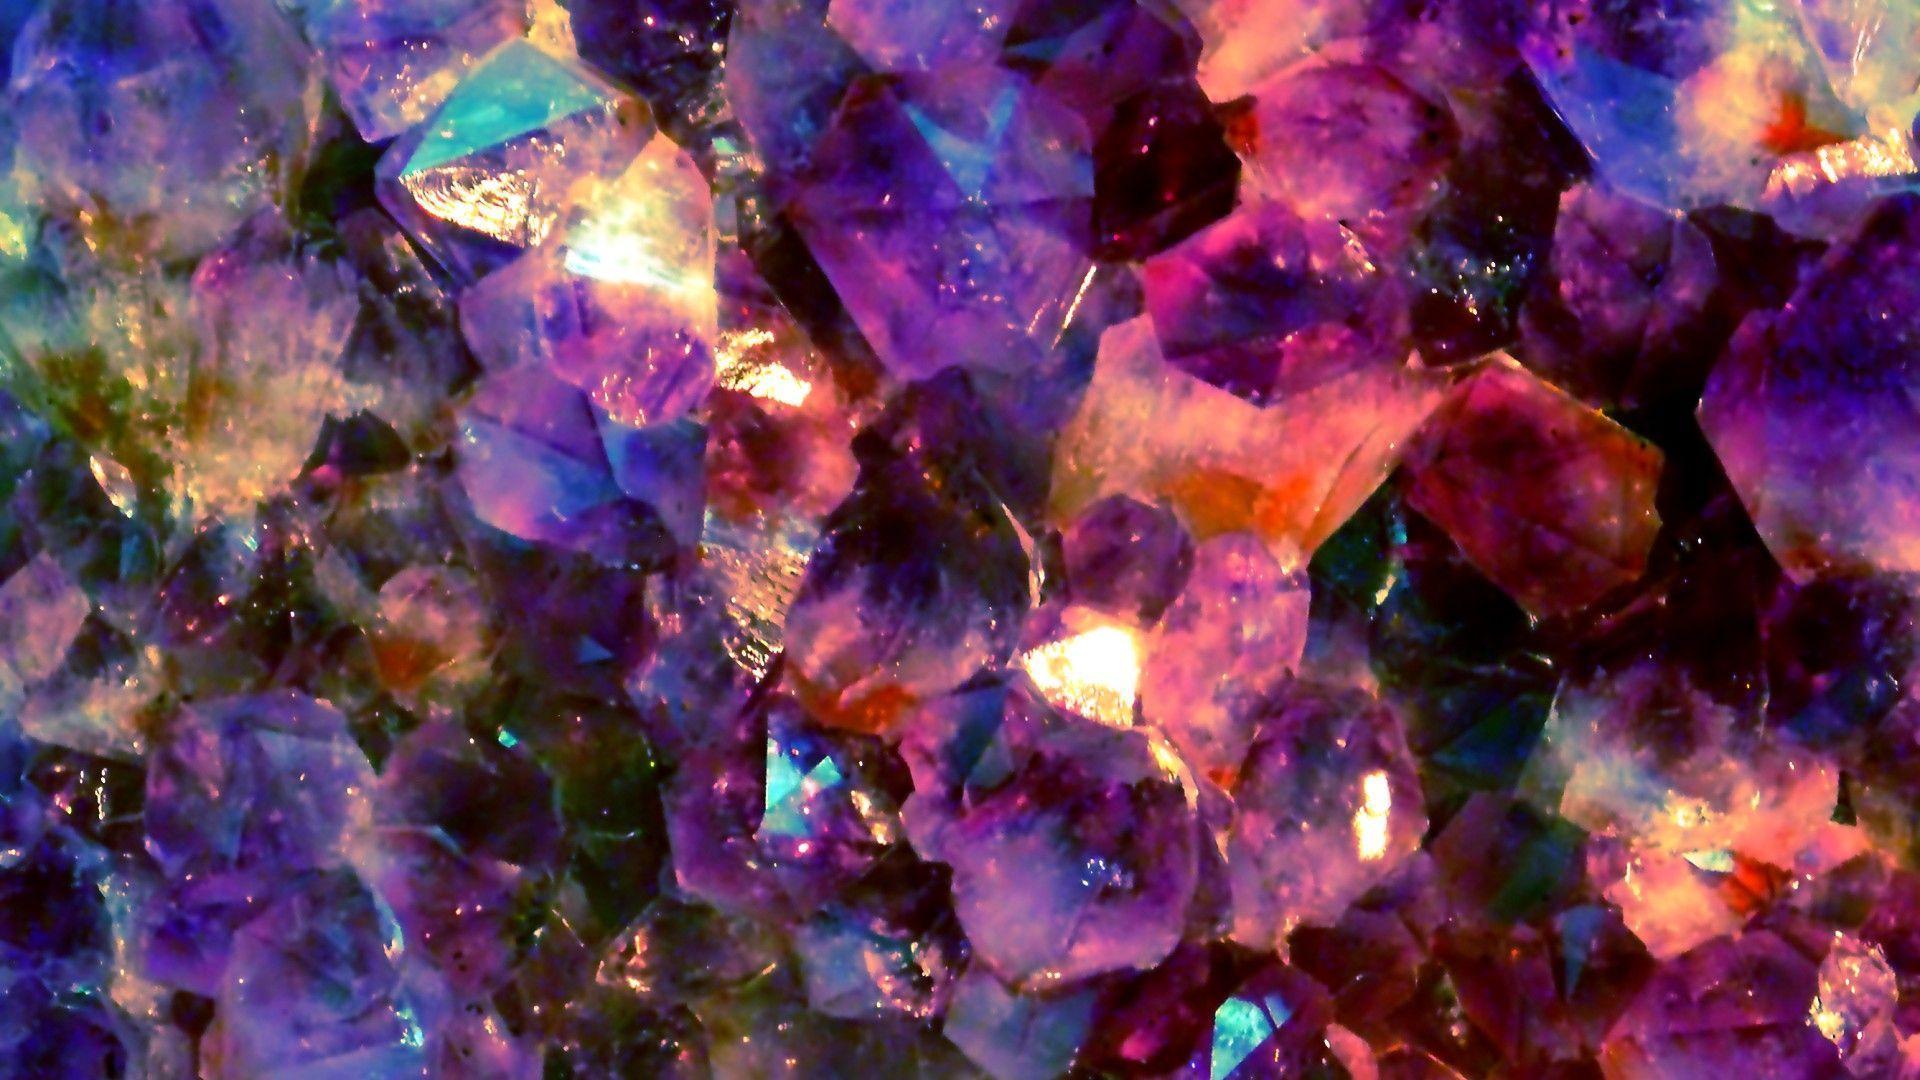 Original gemstones